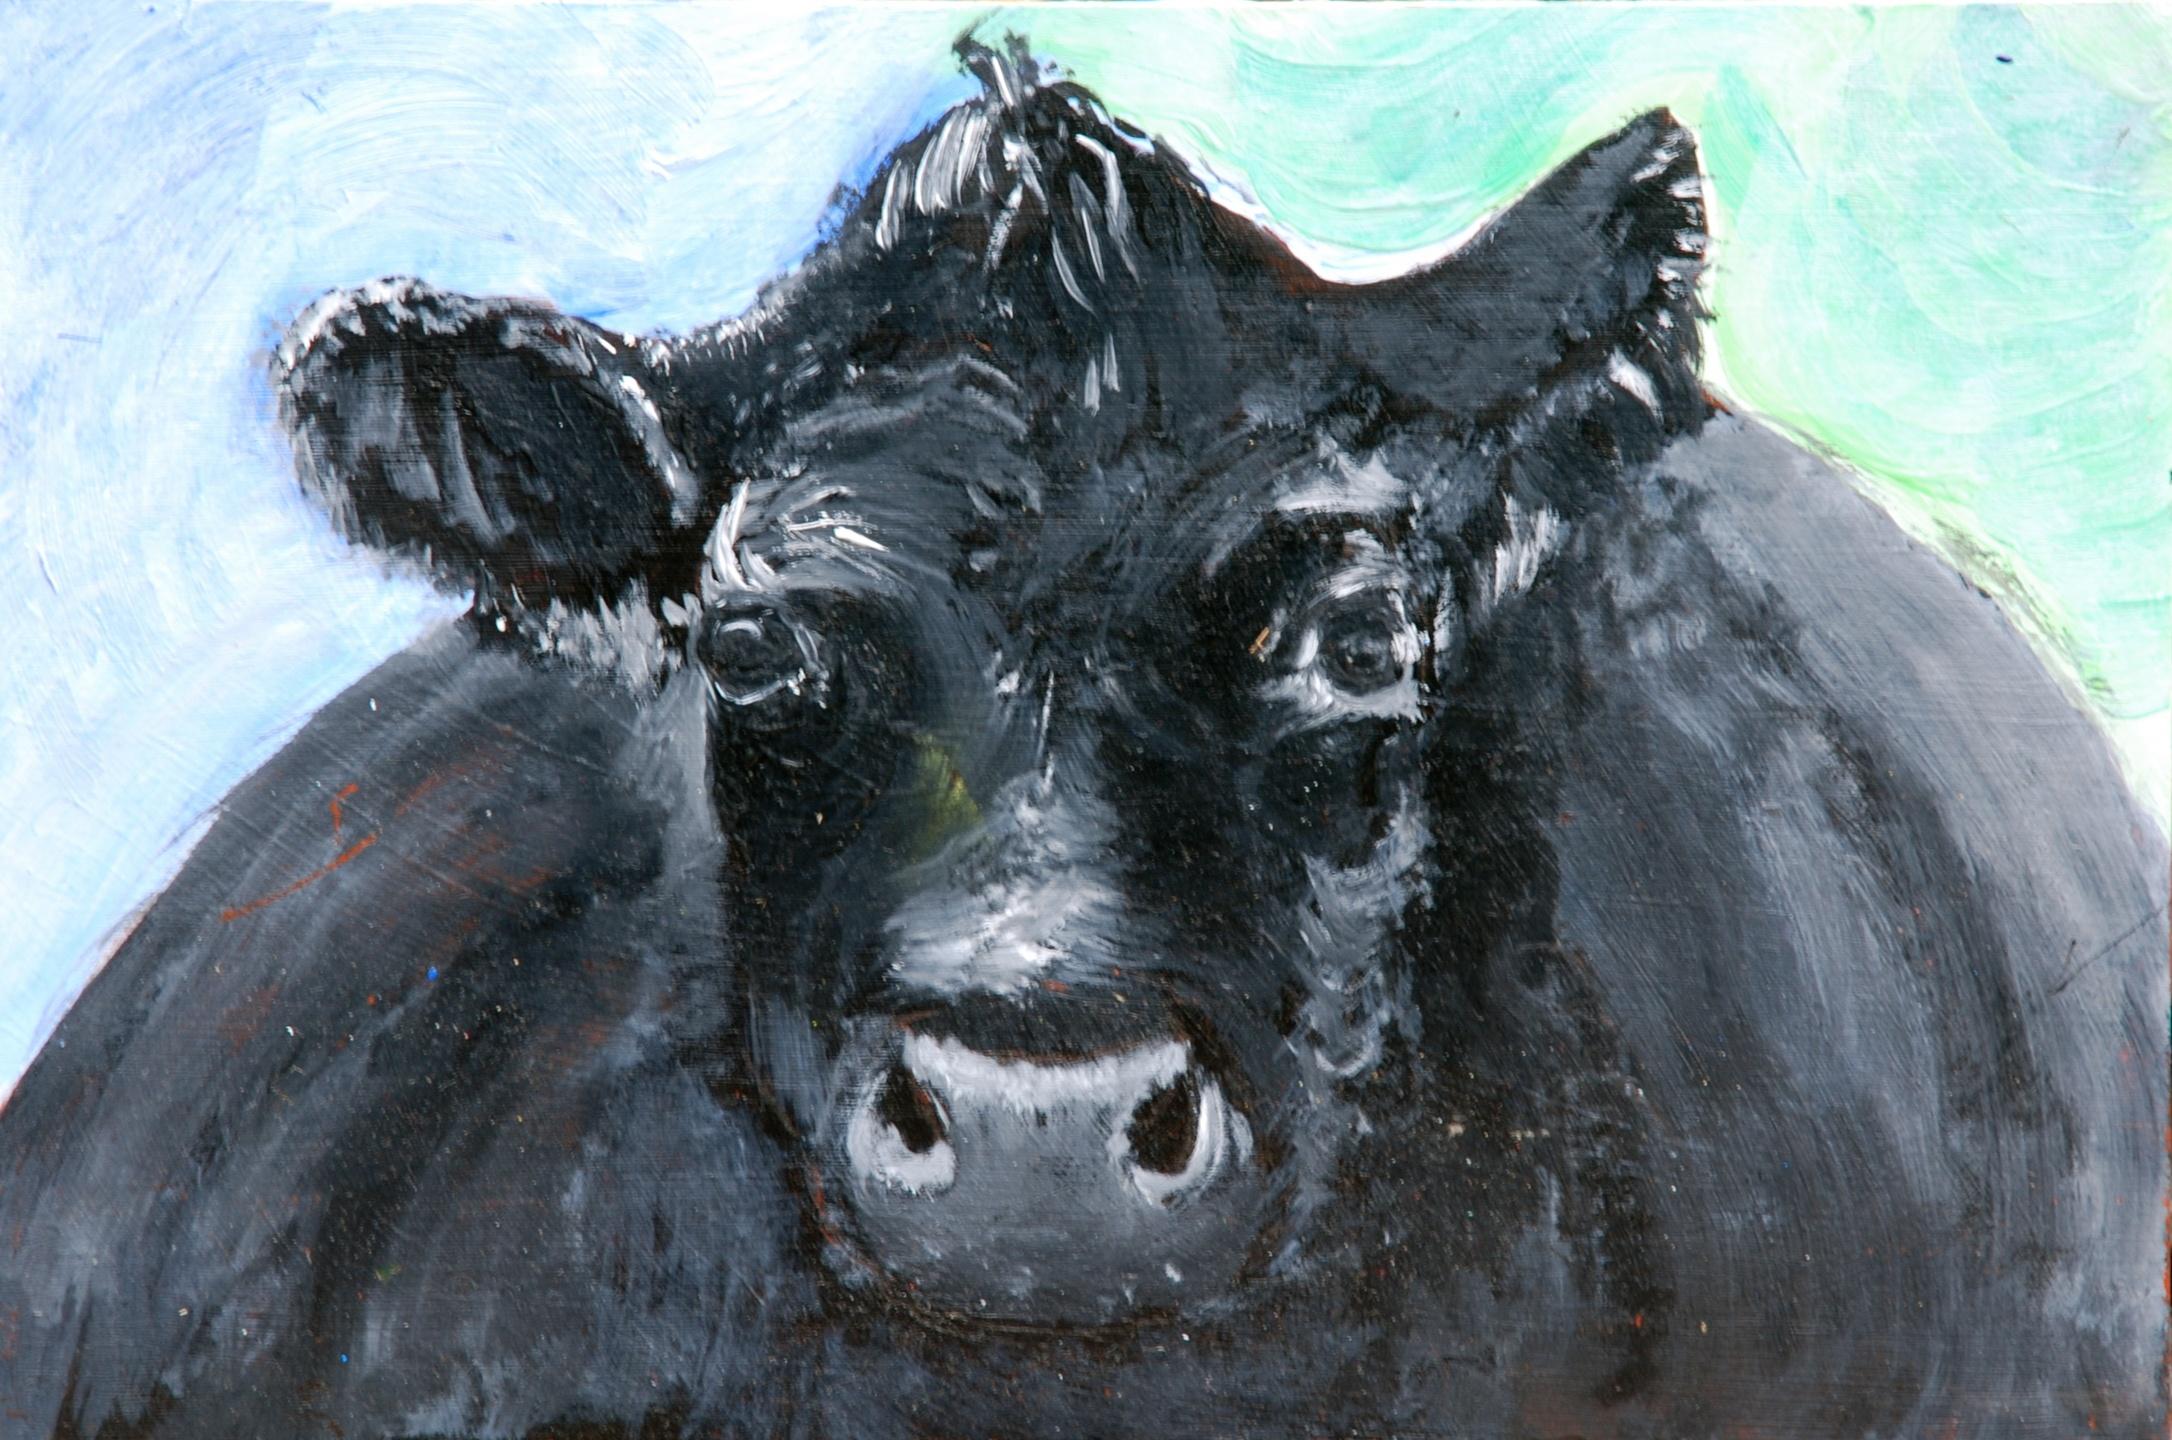 043 - Drijfnatte koe